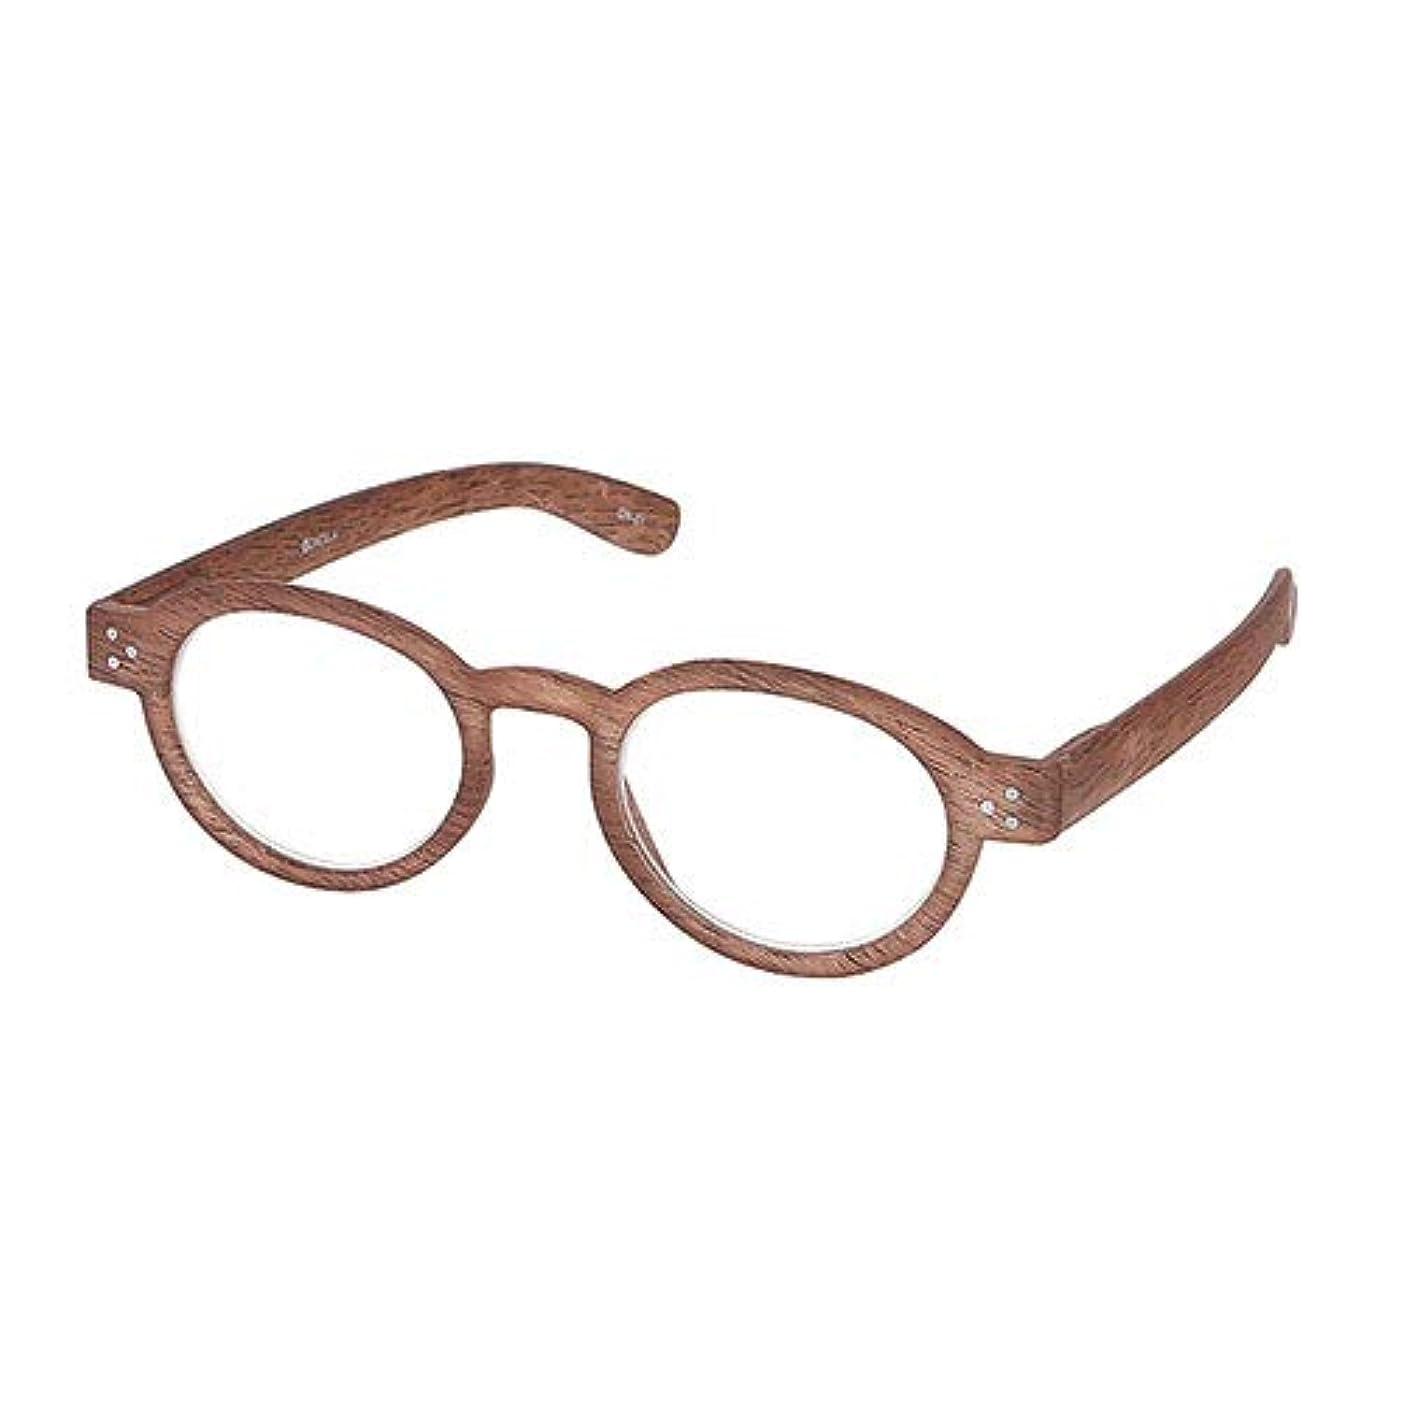 スナッチ見落とすズームジョン?レノンもかけていたロイドメガネタイプの老眼鏡 (1.5, Matt Brown)